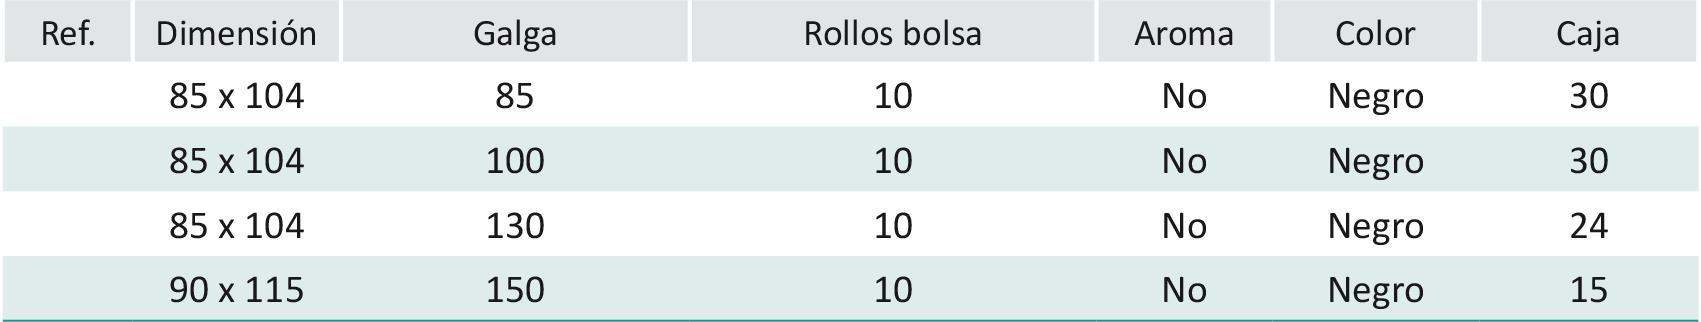 TABLA 109_